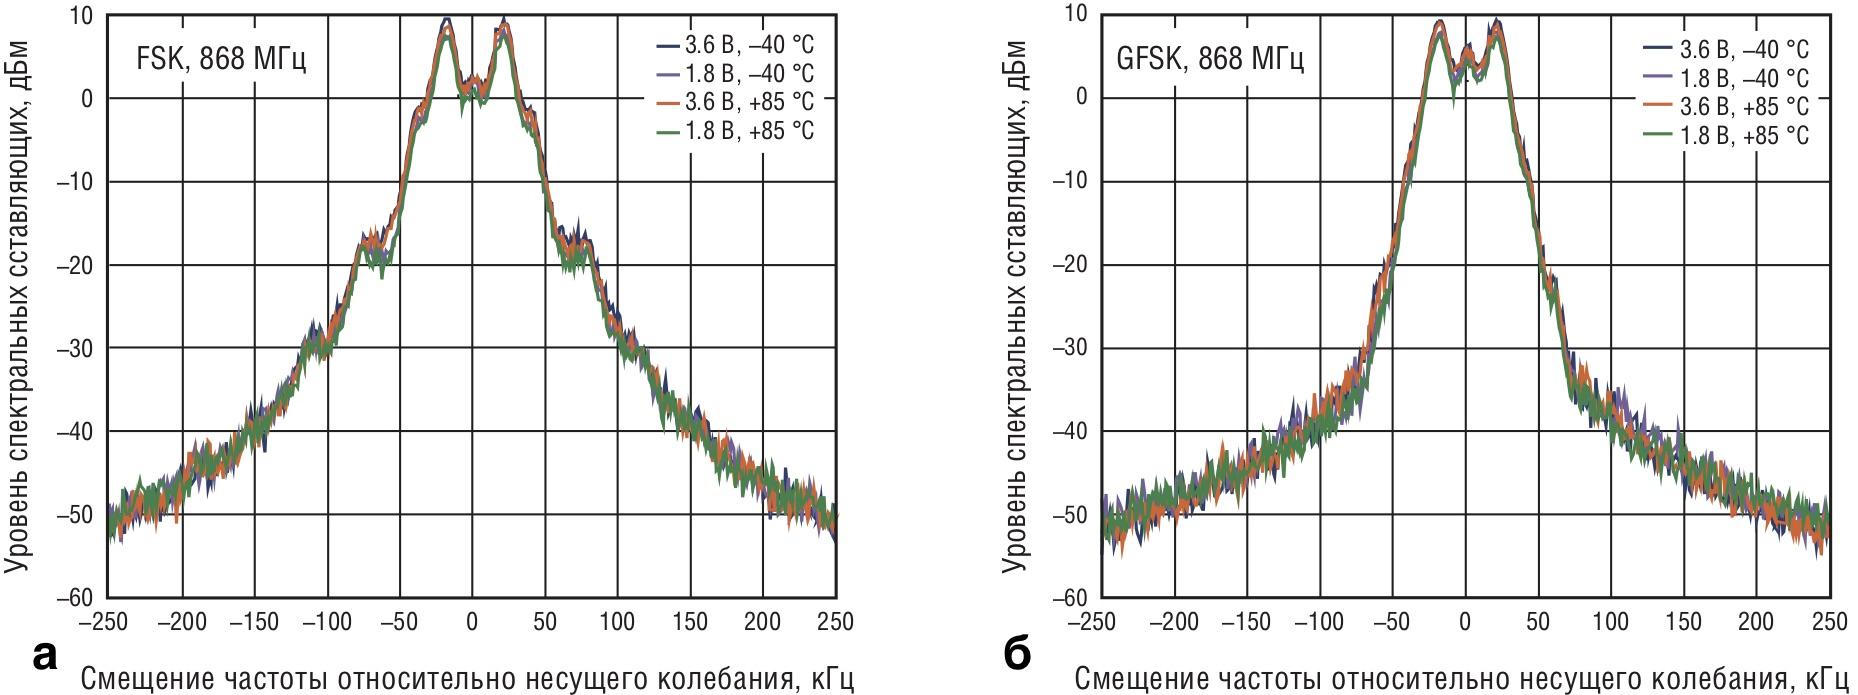 Зависимости уровня спектральных составляющих выходного сигнала передатчика от напряжения питания и температуры при модуляции: а) FSK и б) GFSK